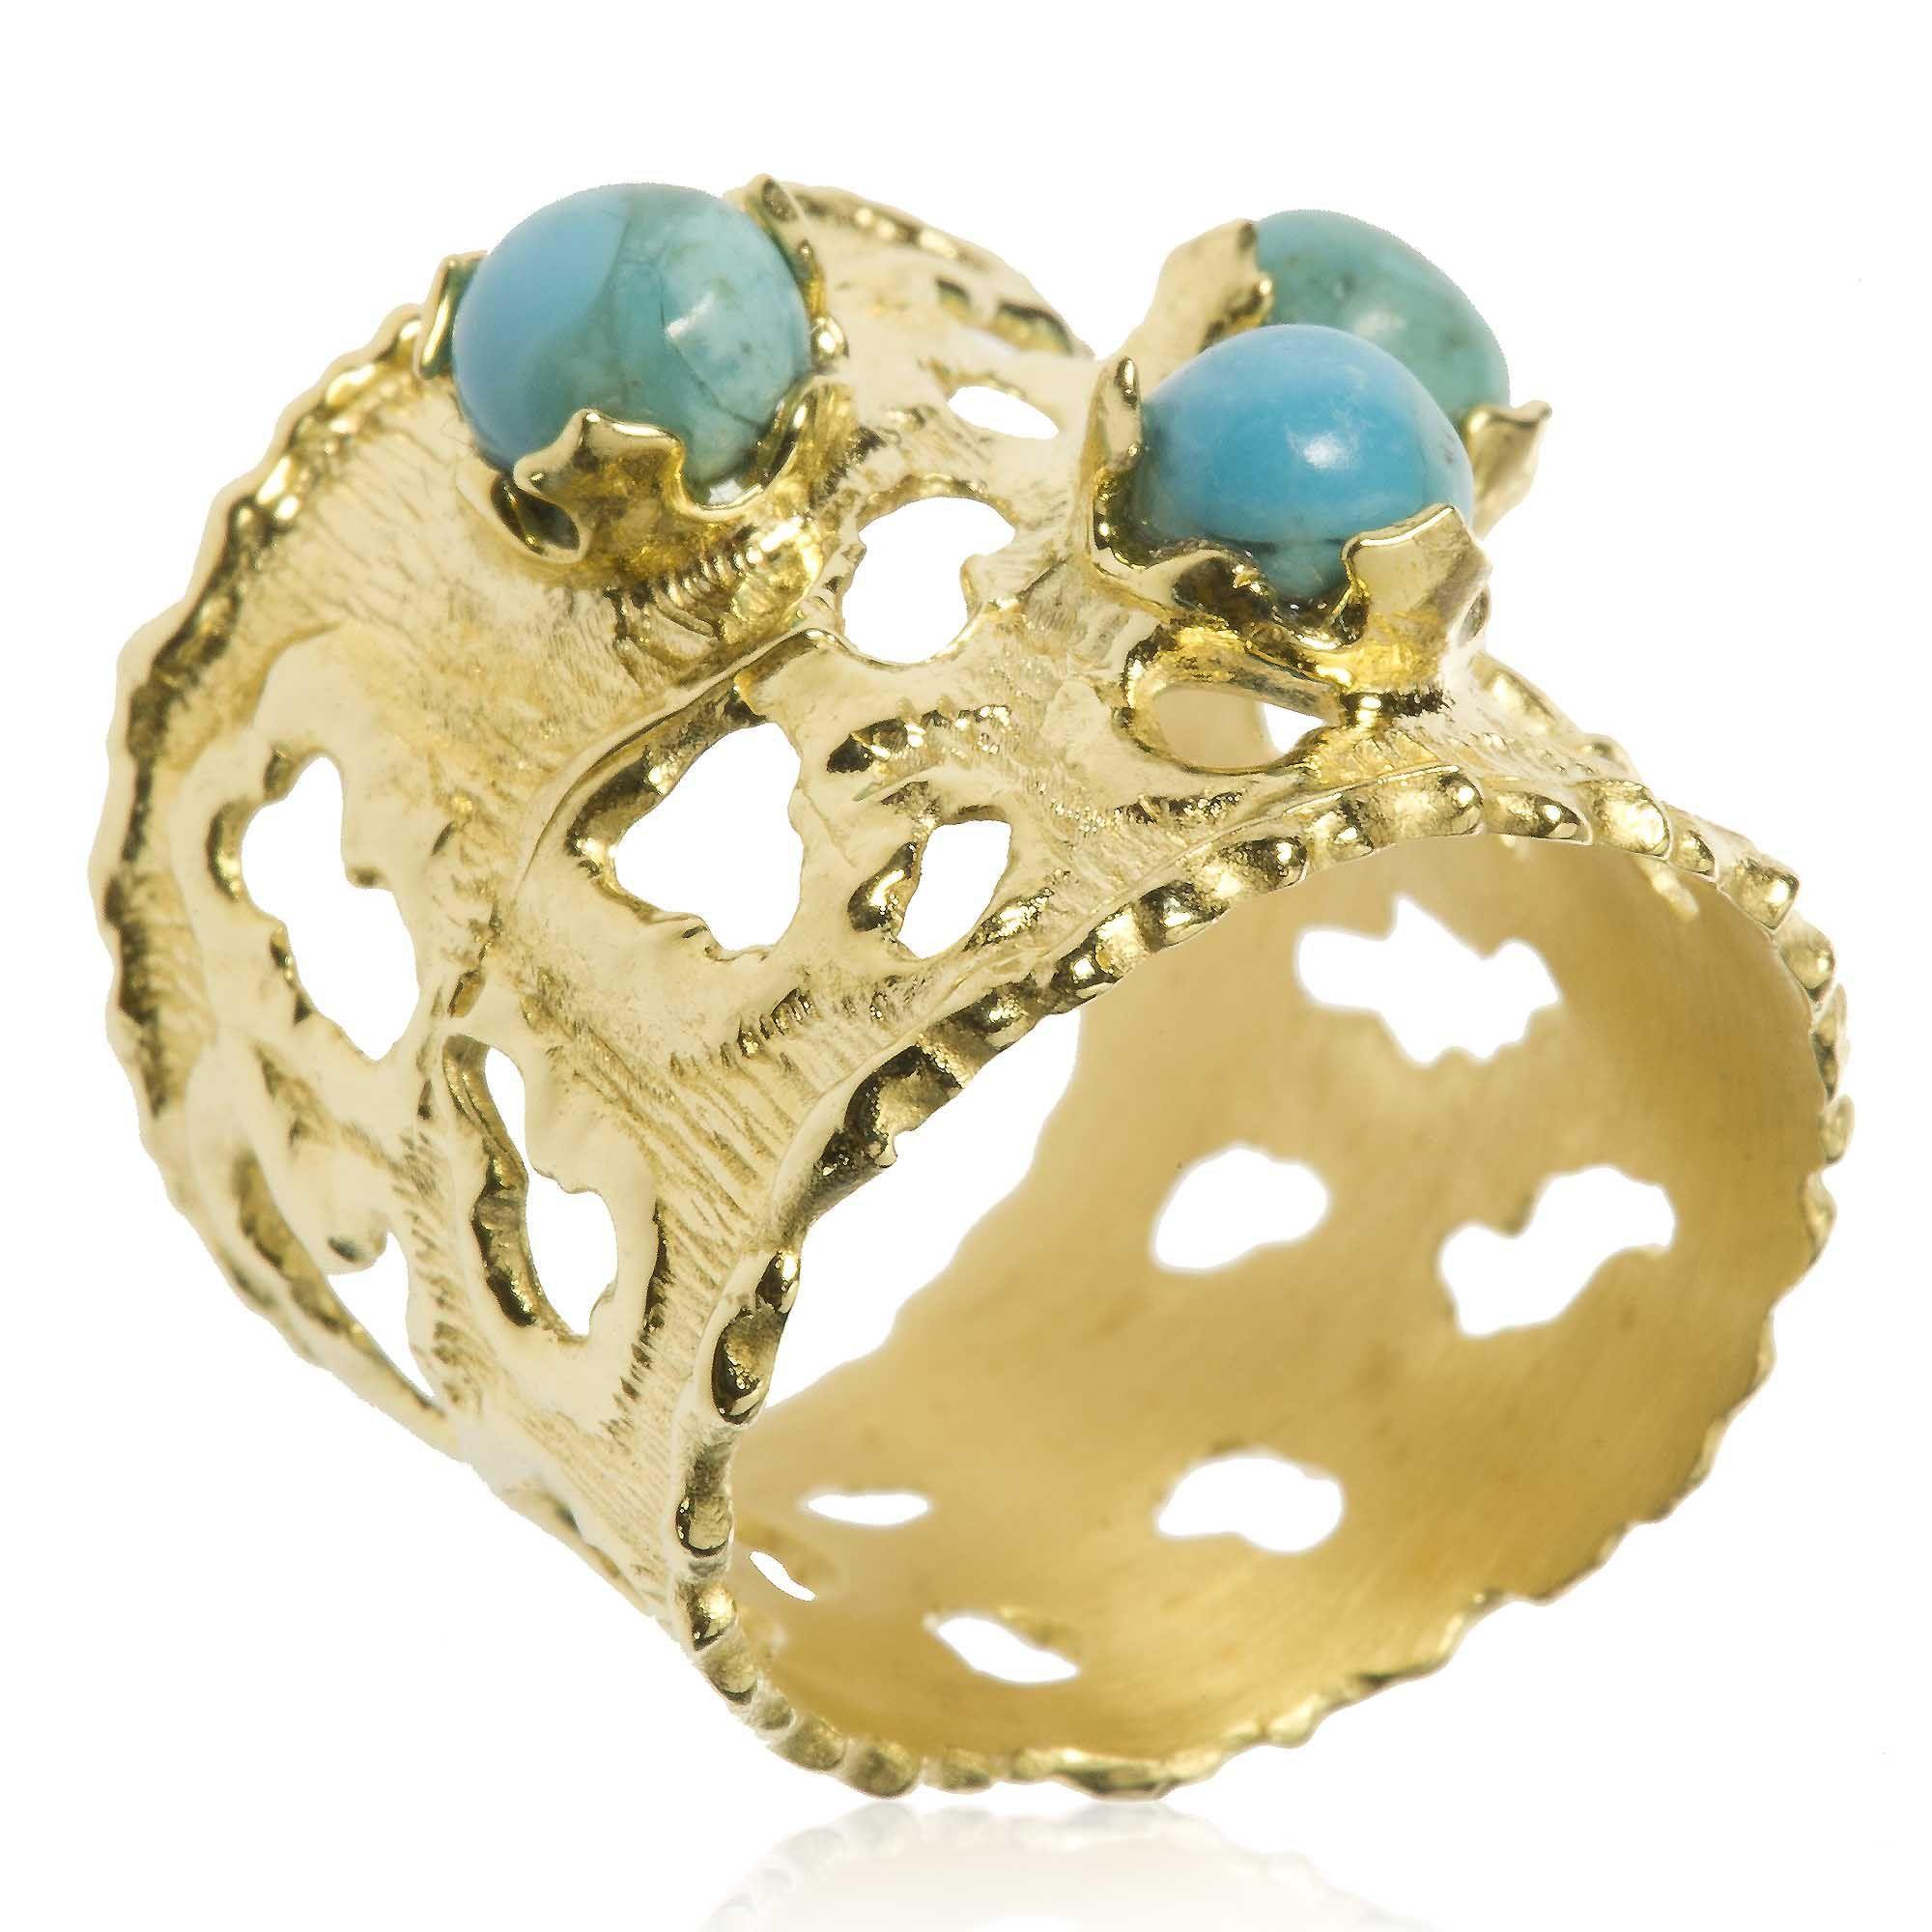 Etrusca, anello a fascia in bronzo placcato oro giallo. Ha il bordo irregolare ed una finitura satinata, a corteccia, su cui si inseriscono tre turchesi cabochon. Attingi al fascino della gioielleria antica, per un look inaspettatamente nuovo.